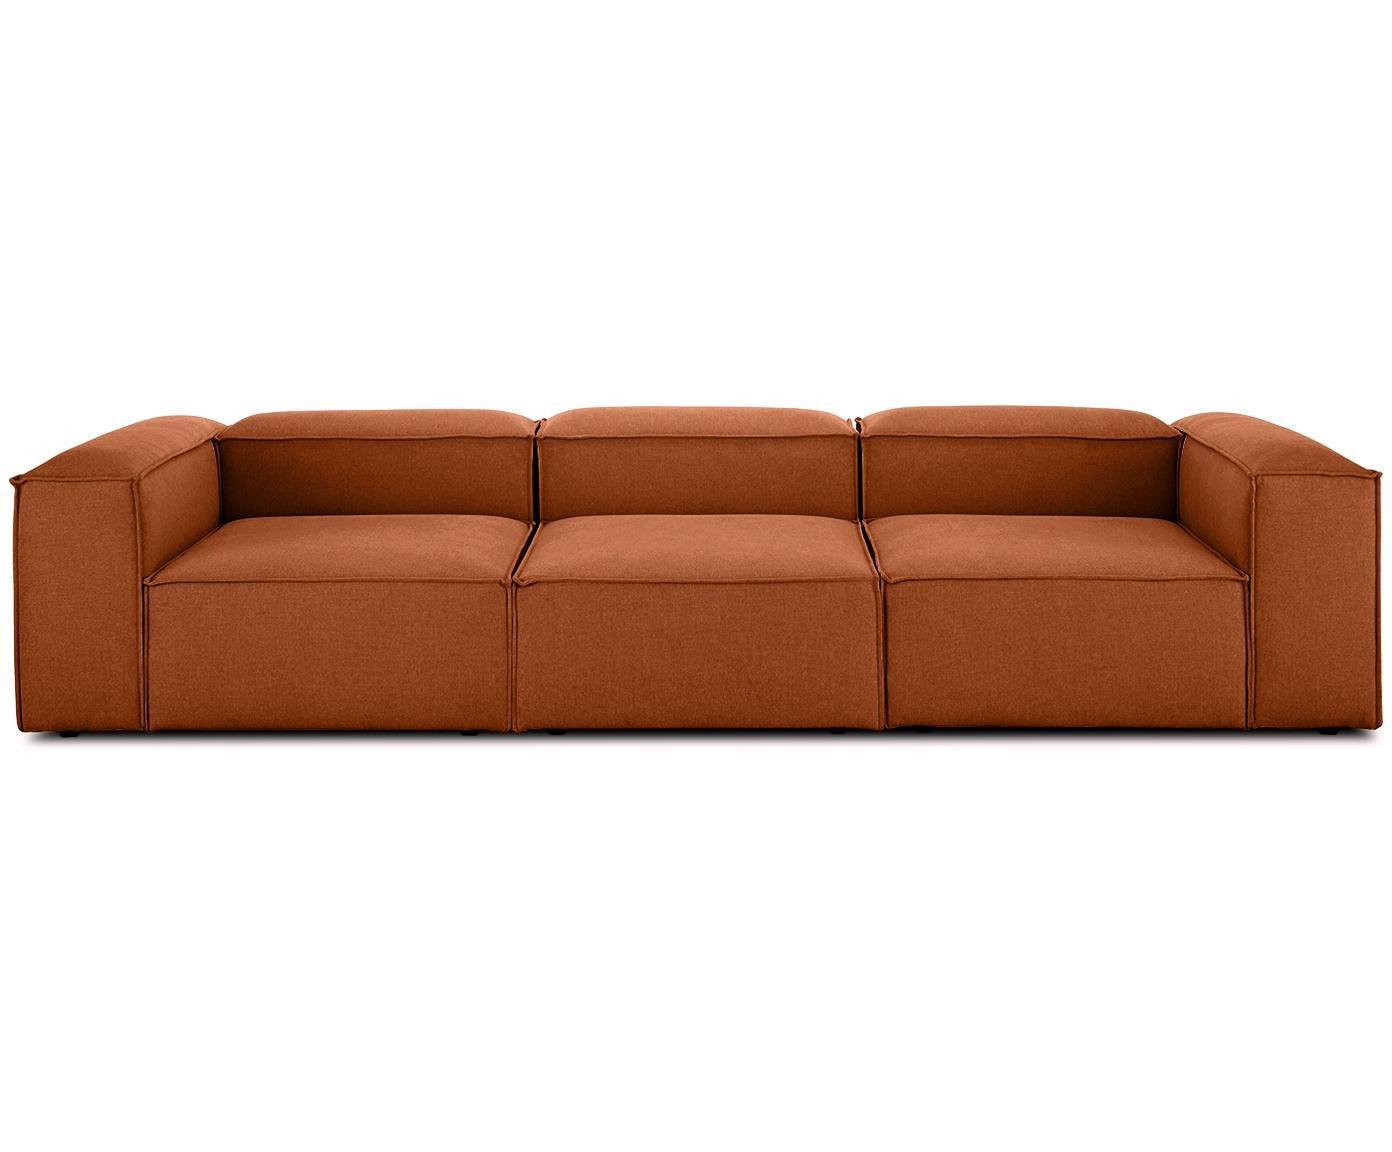 Sofa modułowa Lennon (4-osobowa), Tapicerka: poliester 35 000 cykli w , Stelaż: lite drewno sosnowe, skle, Nogi: tworzywo sztuczne, Terakota, S 326 x G 119 cm